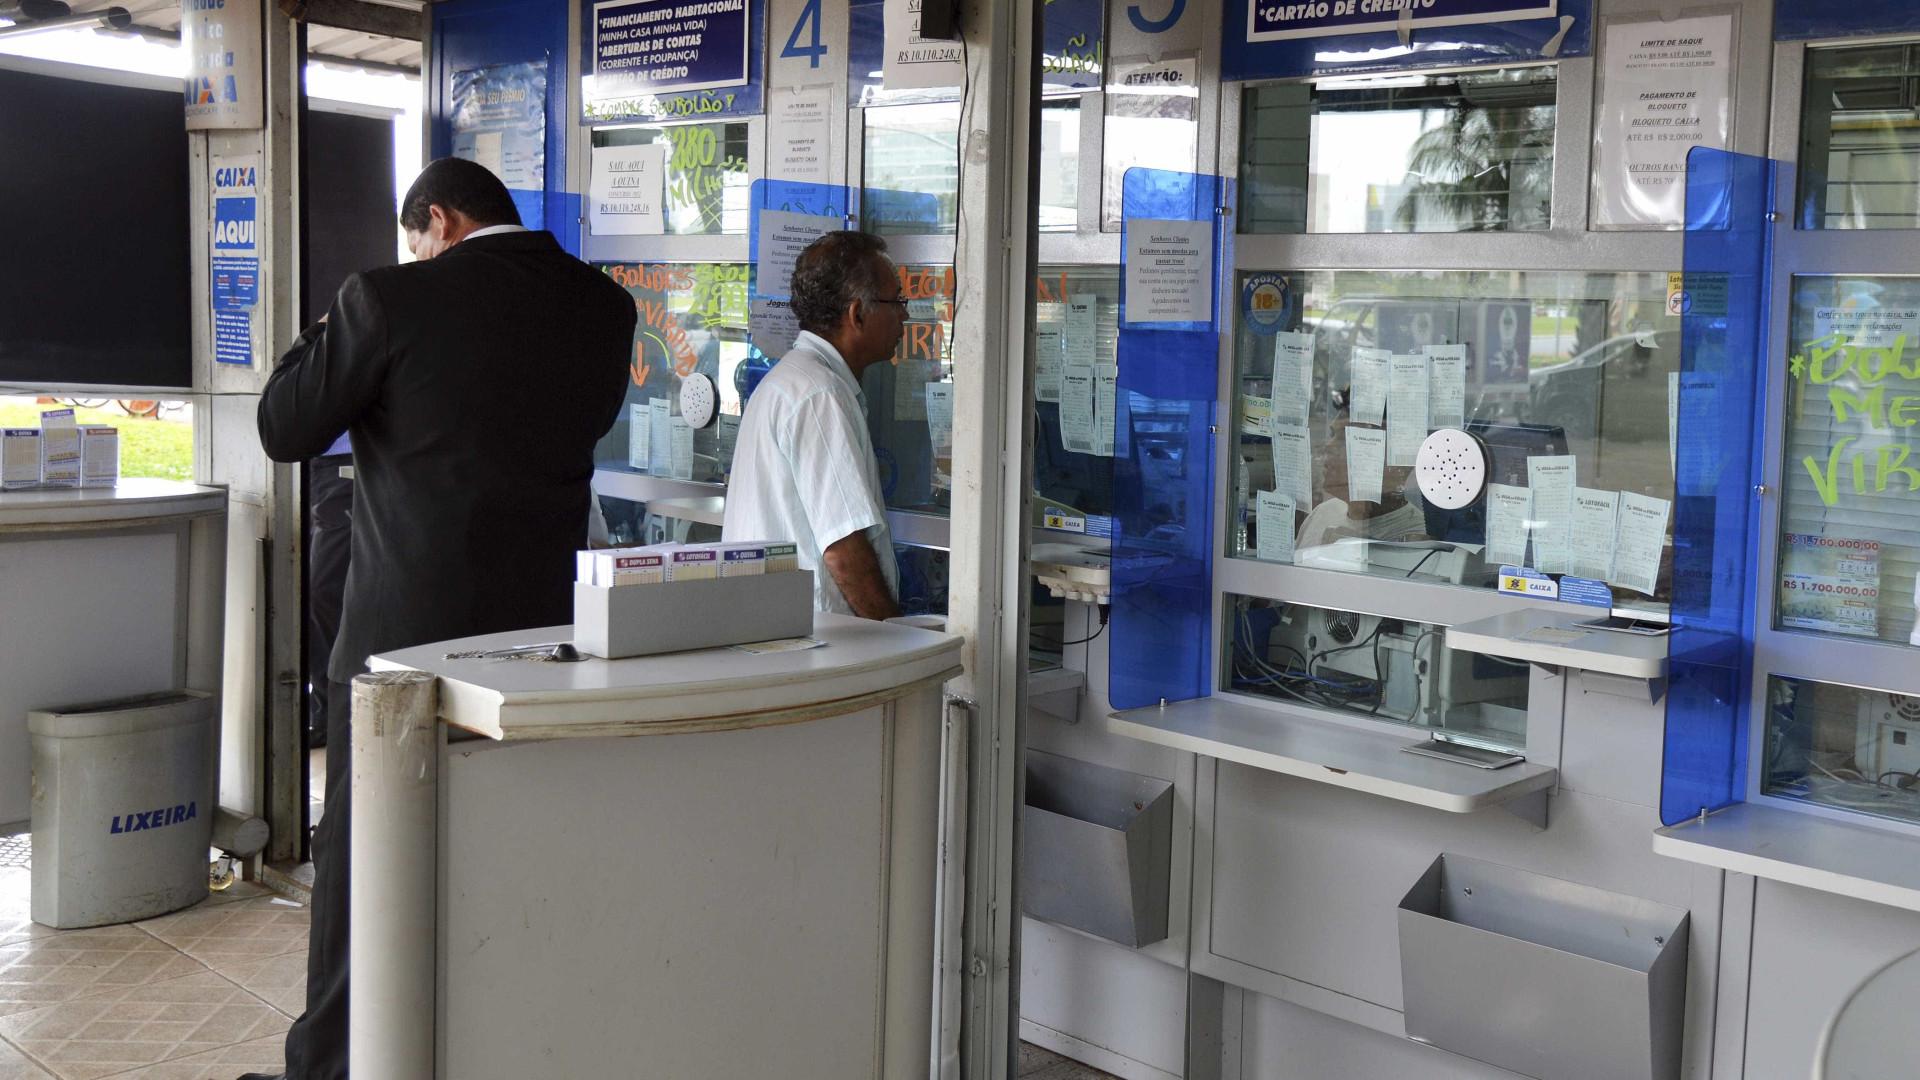 Apostador da Bahia leva quase R$ 4 milhões em sorteio da Quina